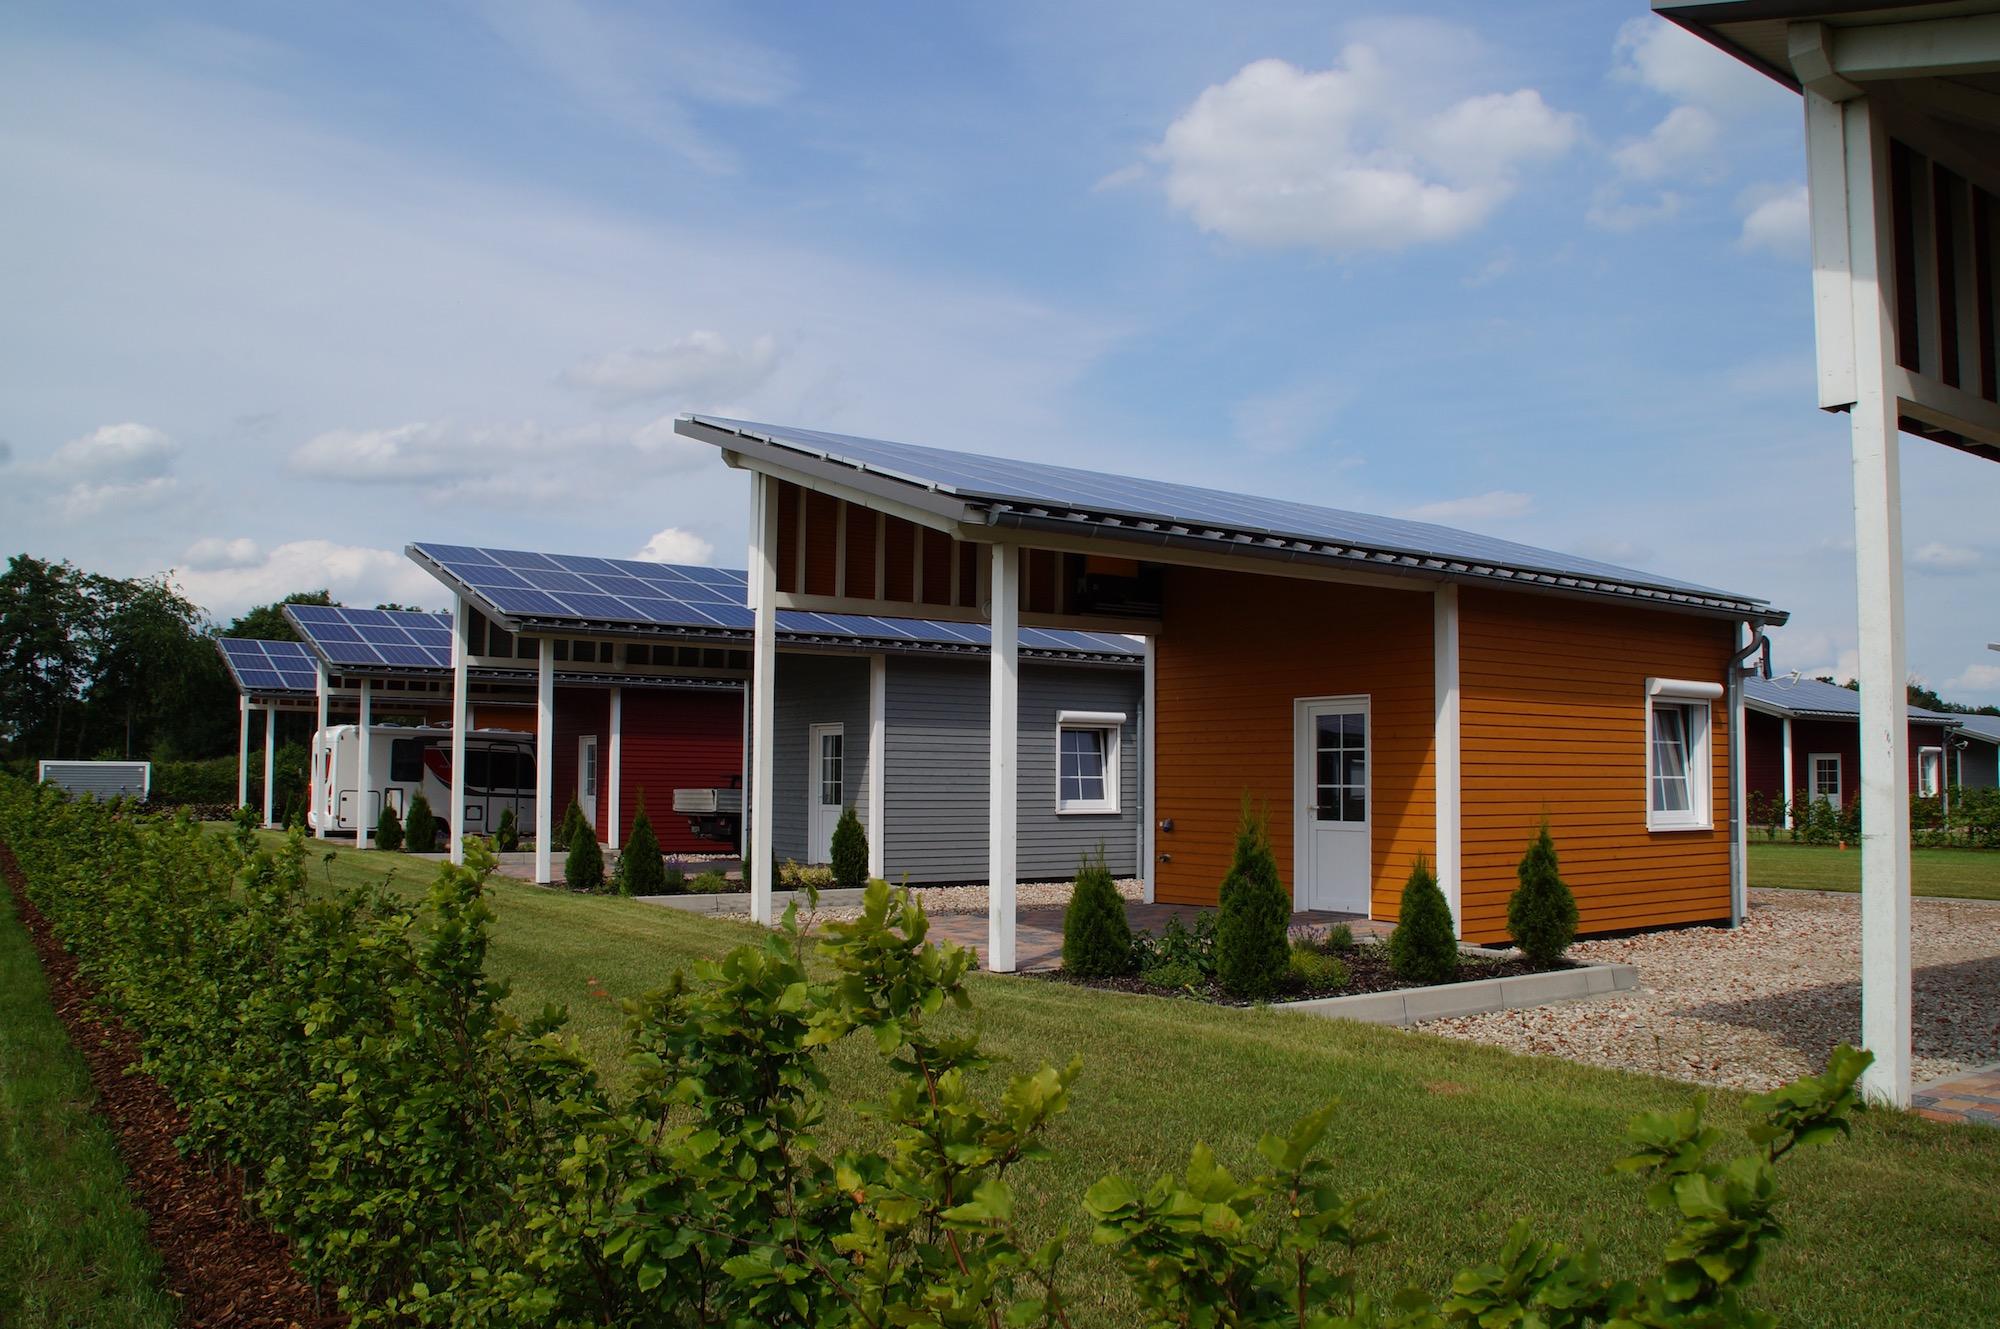 Emsland Camp - Campsite